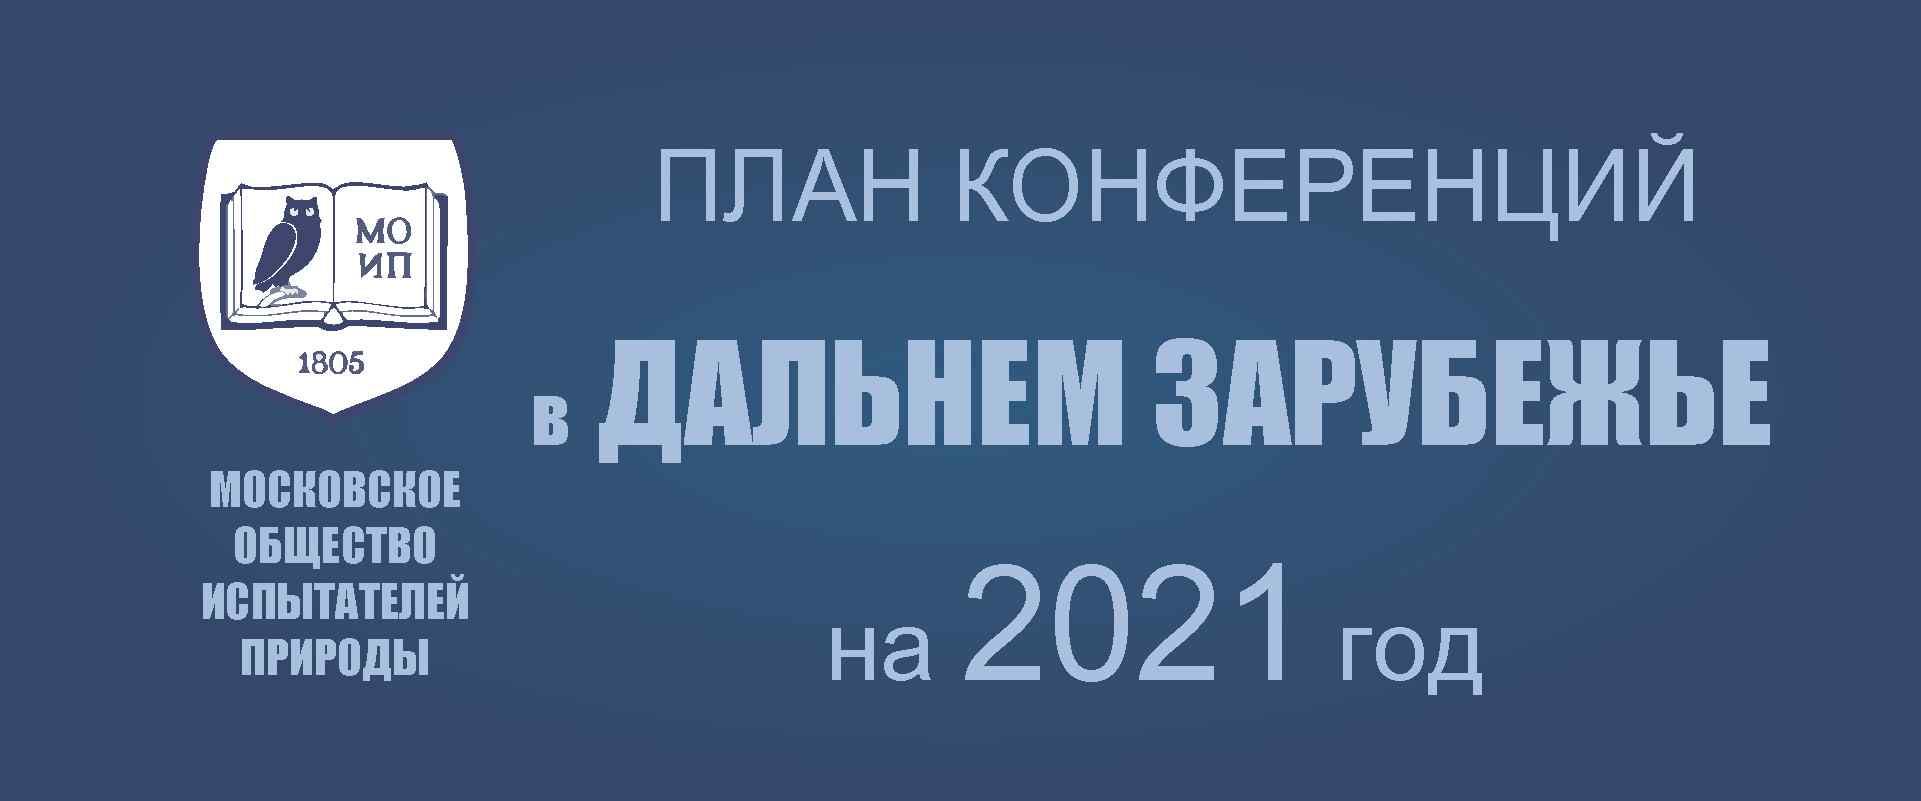 ПРЕДСТОЯЩИЕ КОНФЕРЕНЦИИ В ДАЛЬНЕМ ЗАРУБЕЖЬЕ  2021 ГОД